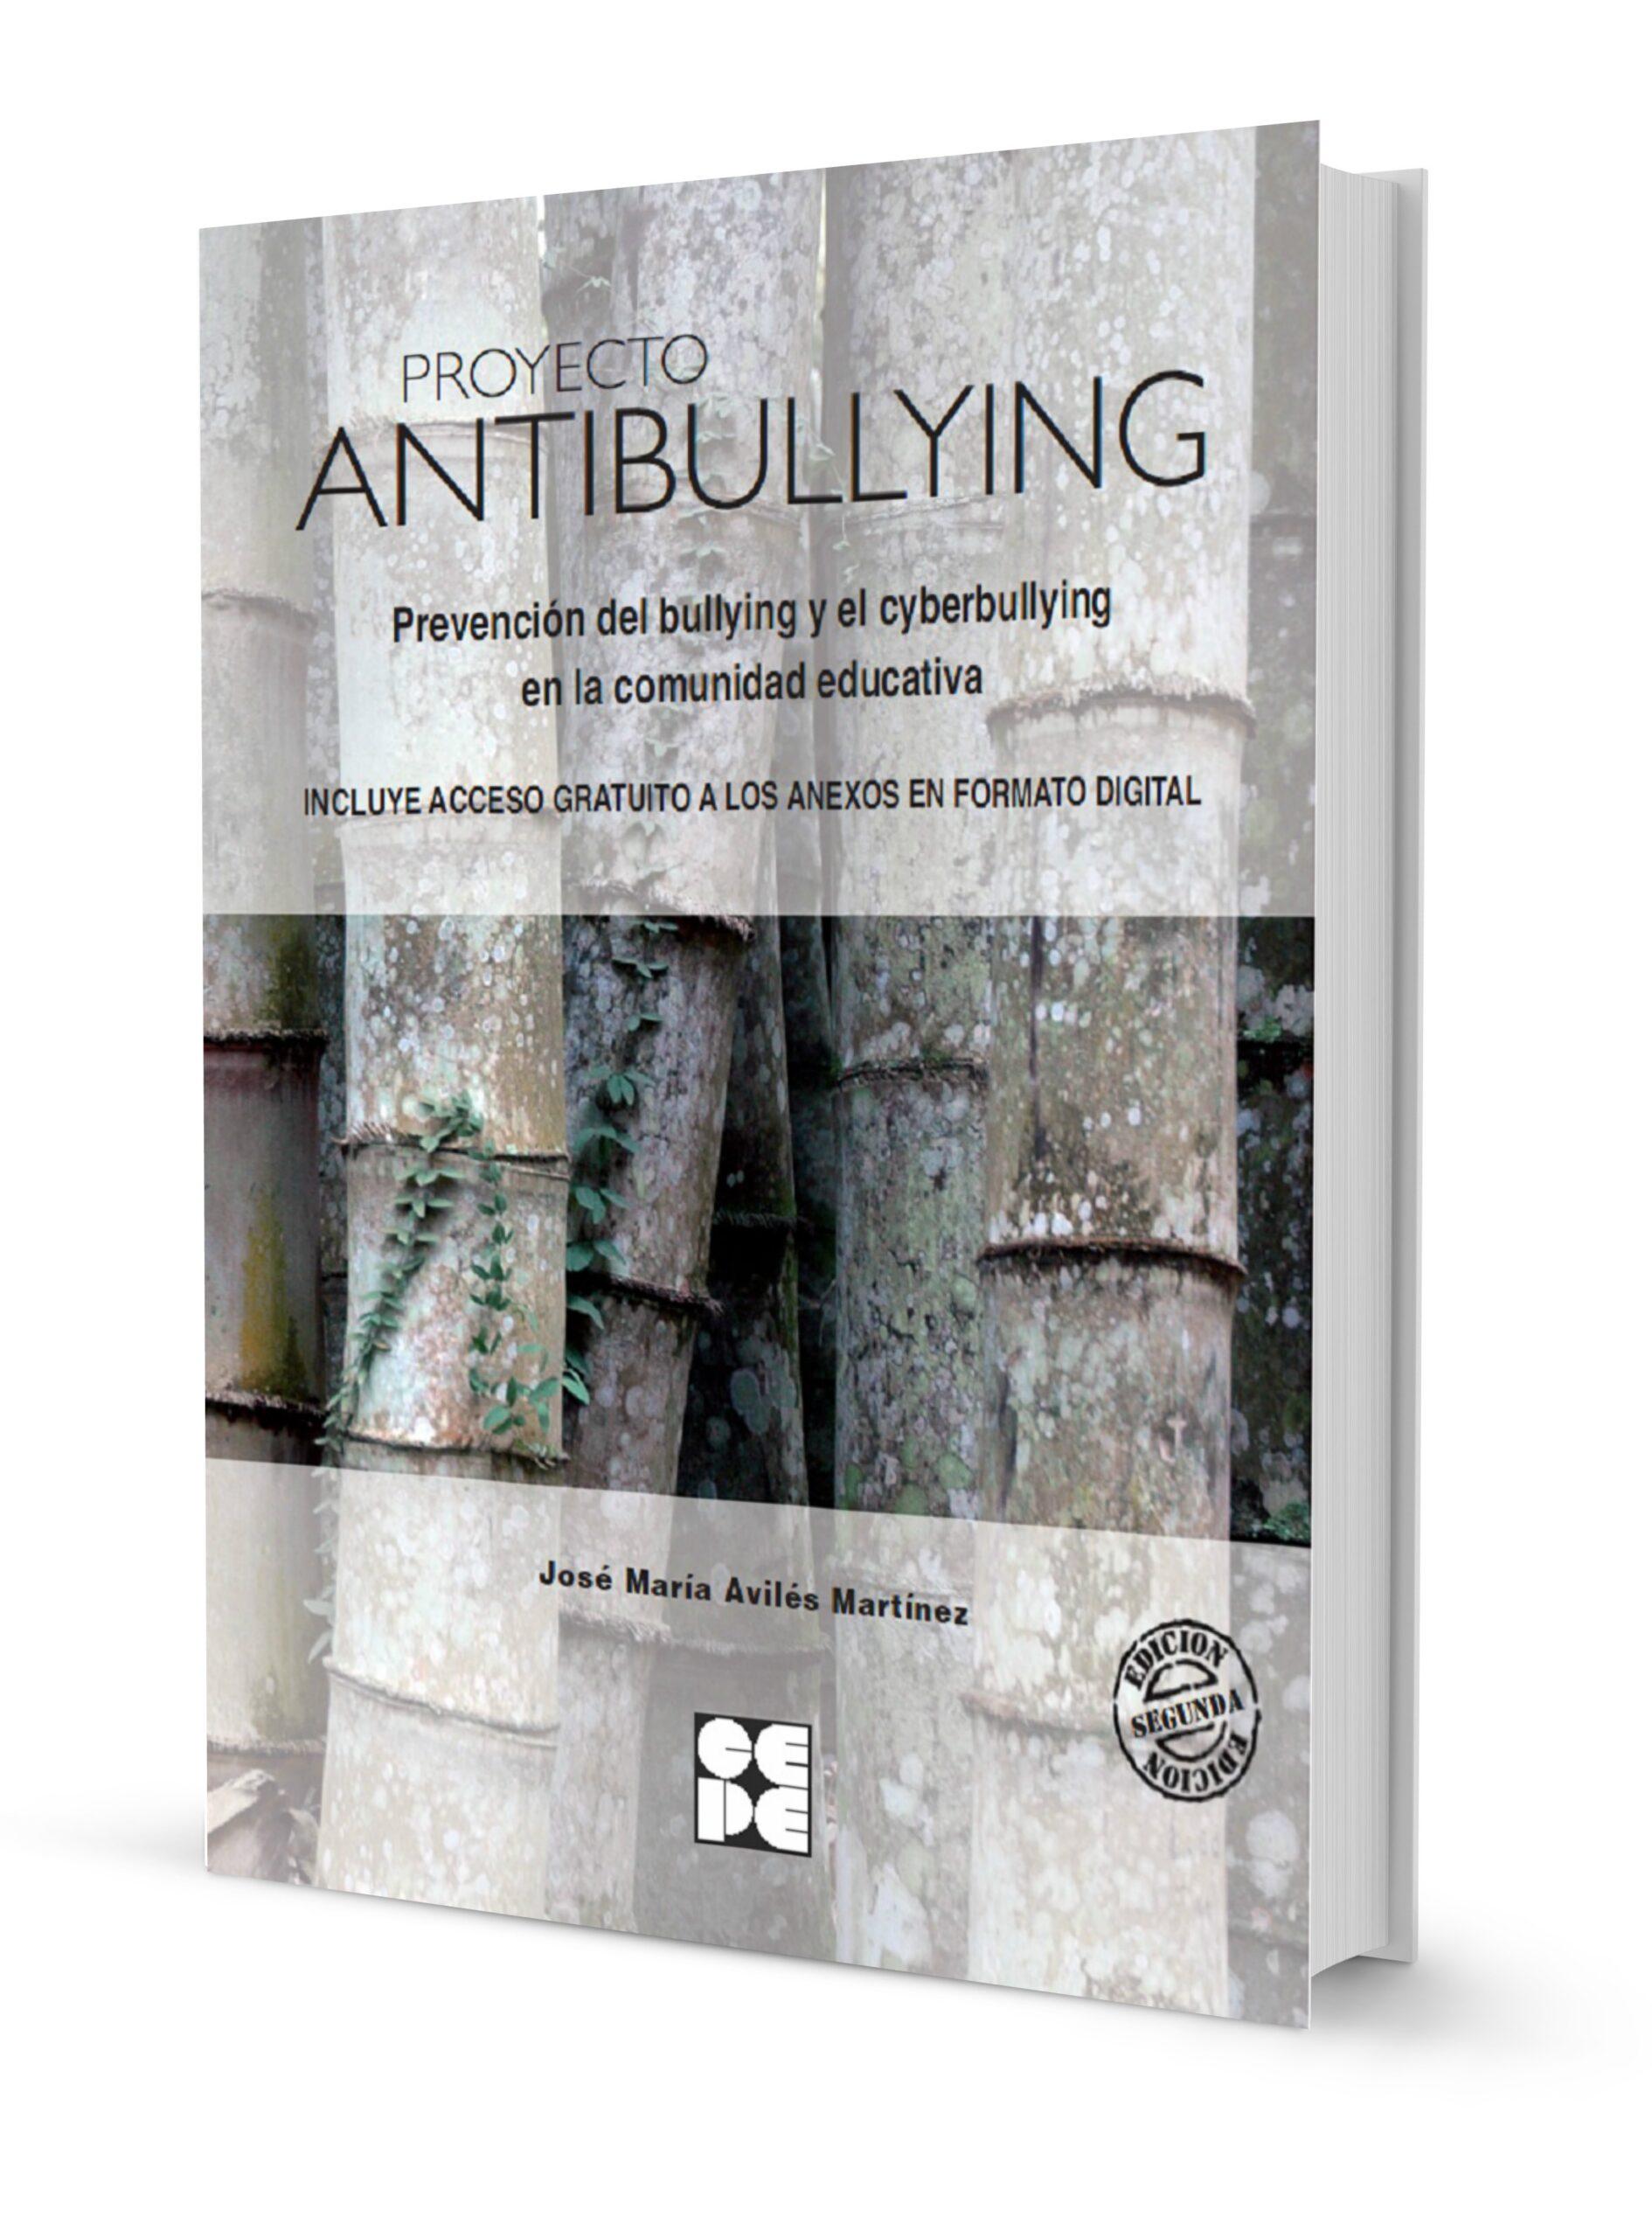 Proyecto Antibullying. Prevención del Bullying y el Cyberbullying en la comunidad educativa